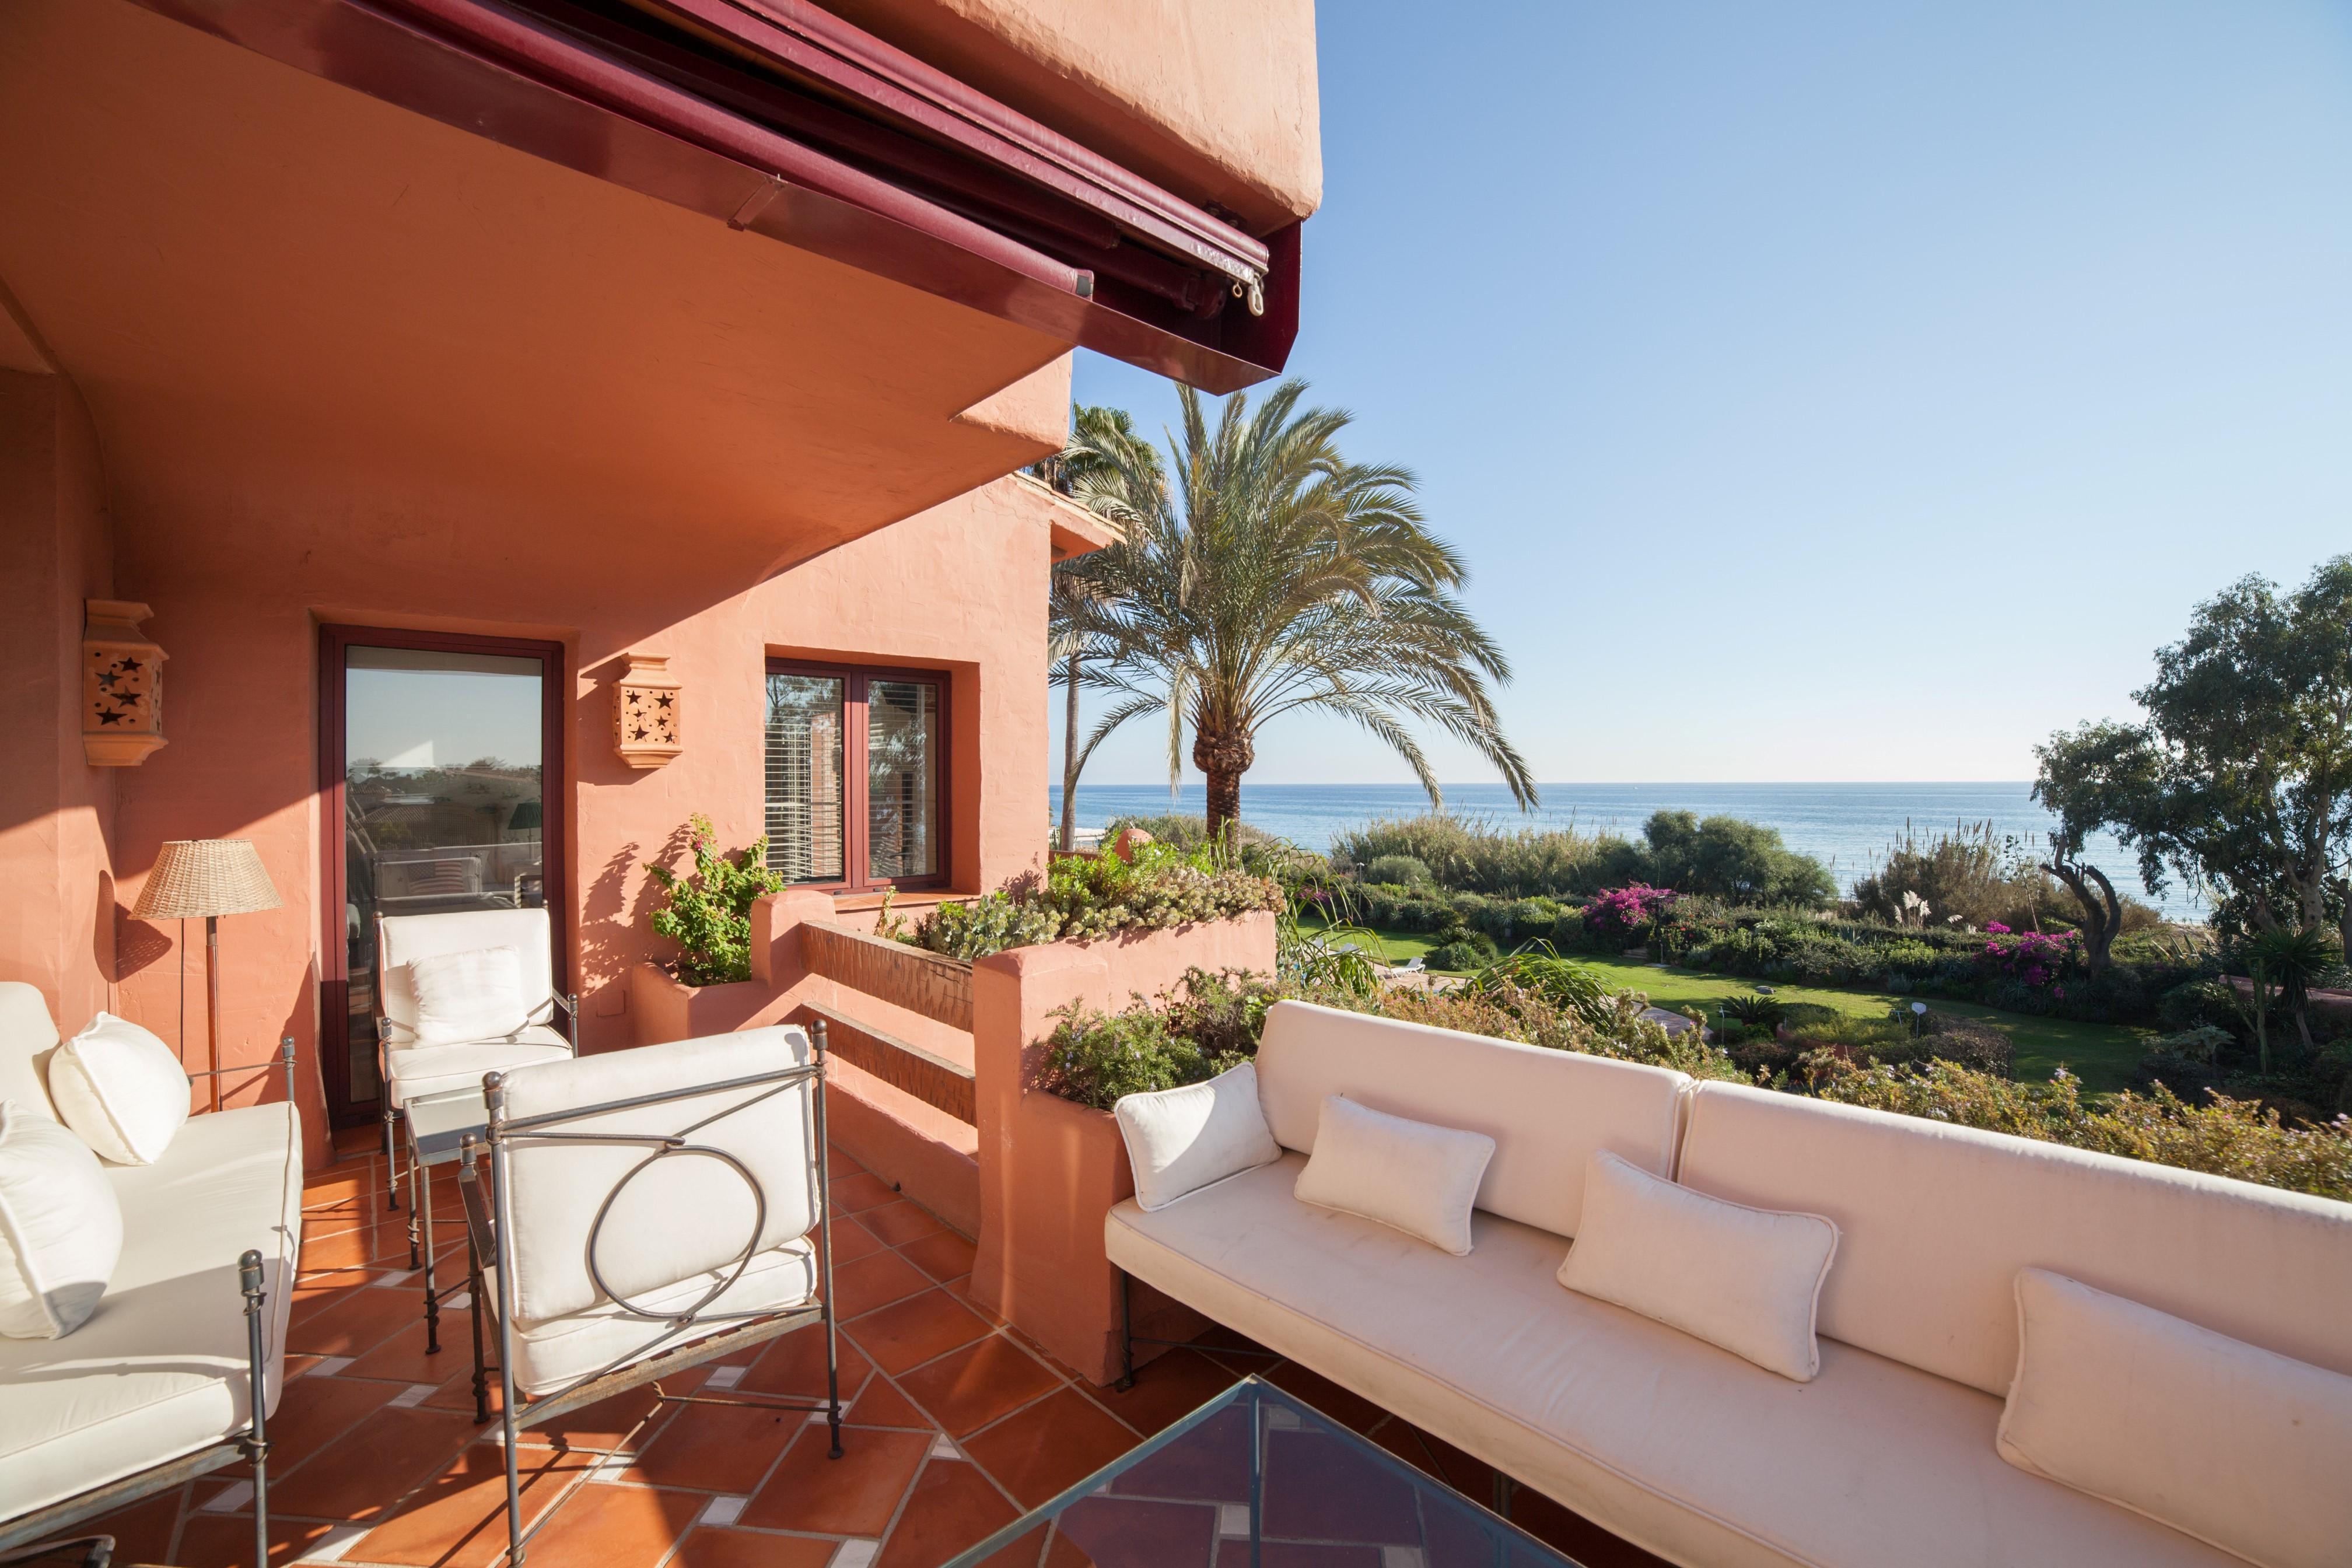 Verkauf von Immobilien in Spanien: Die Wahl des Immobilienmaklers